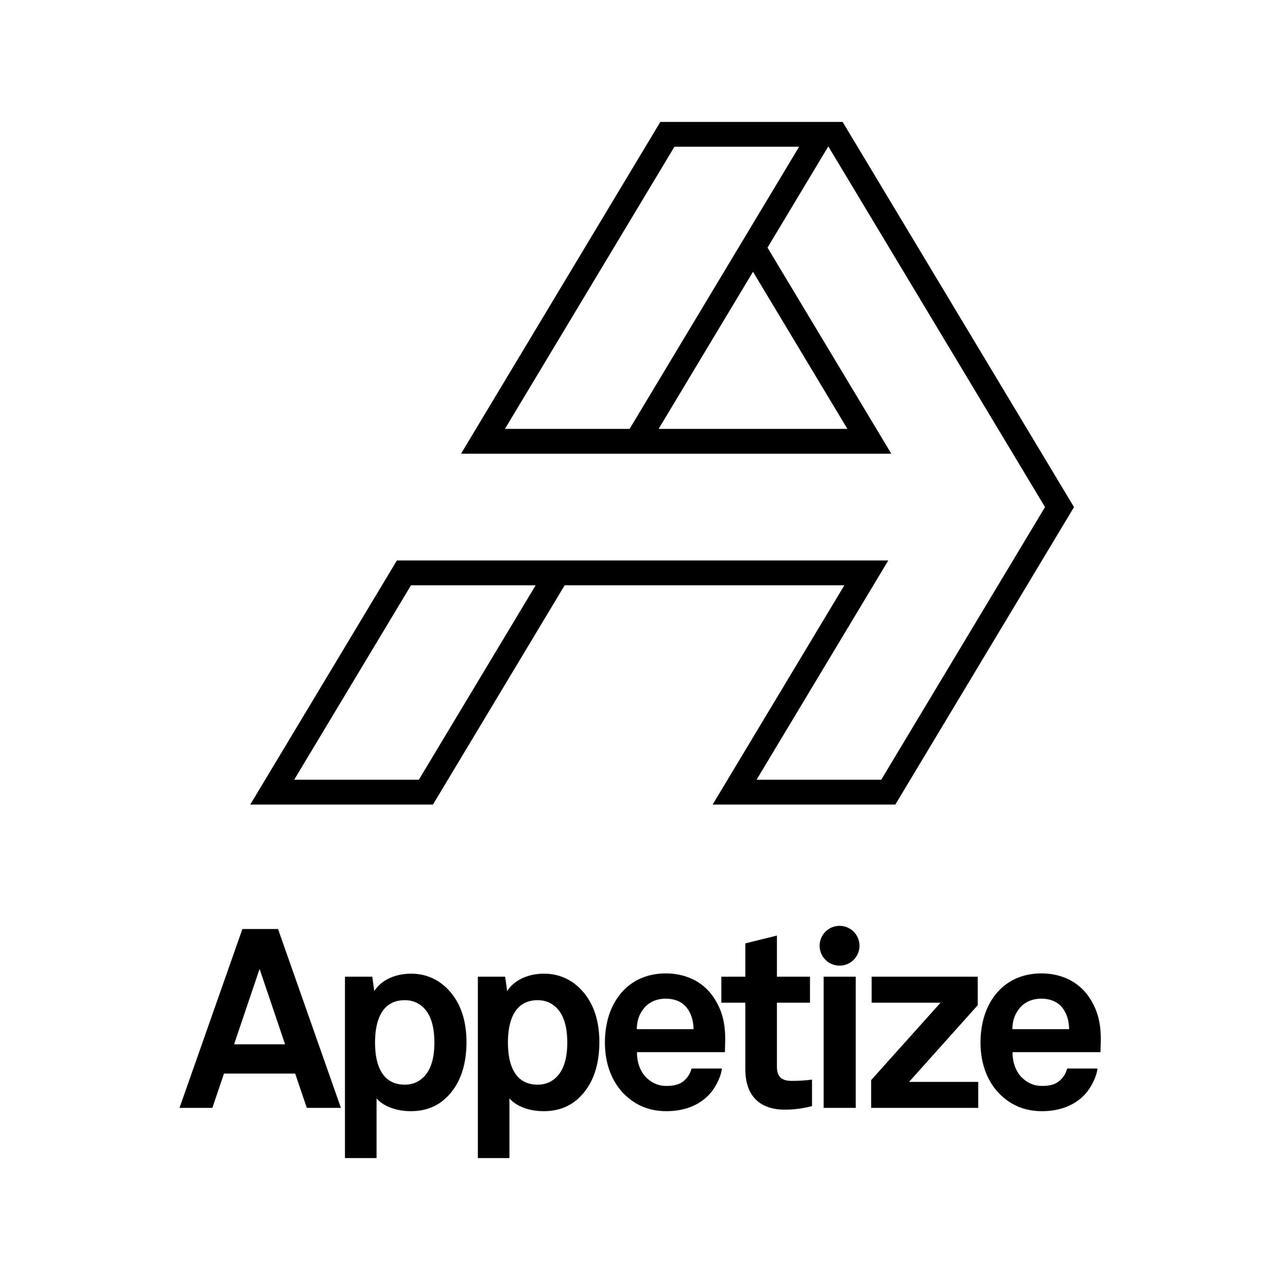 appetize logo.jpg